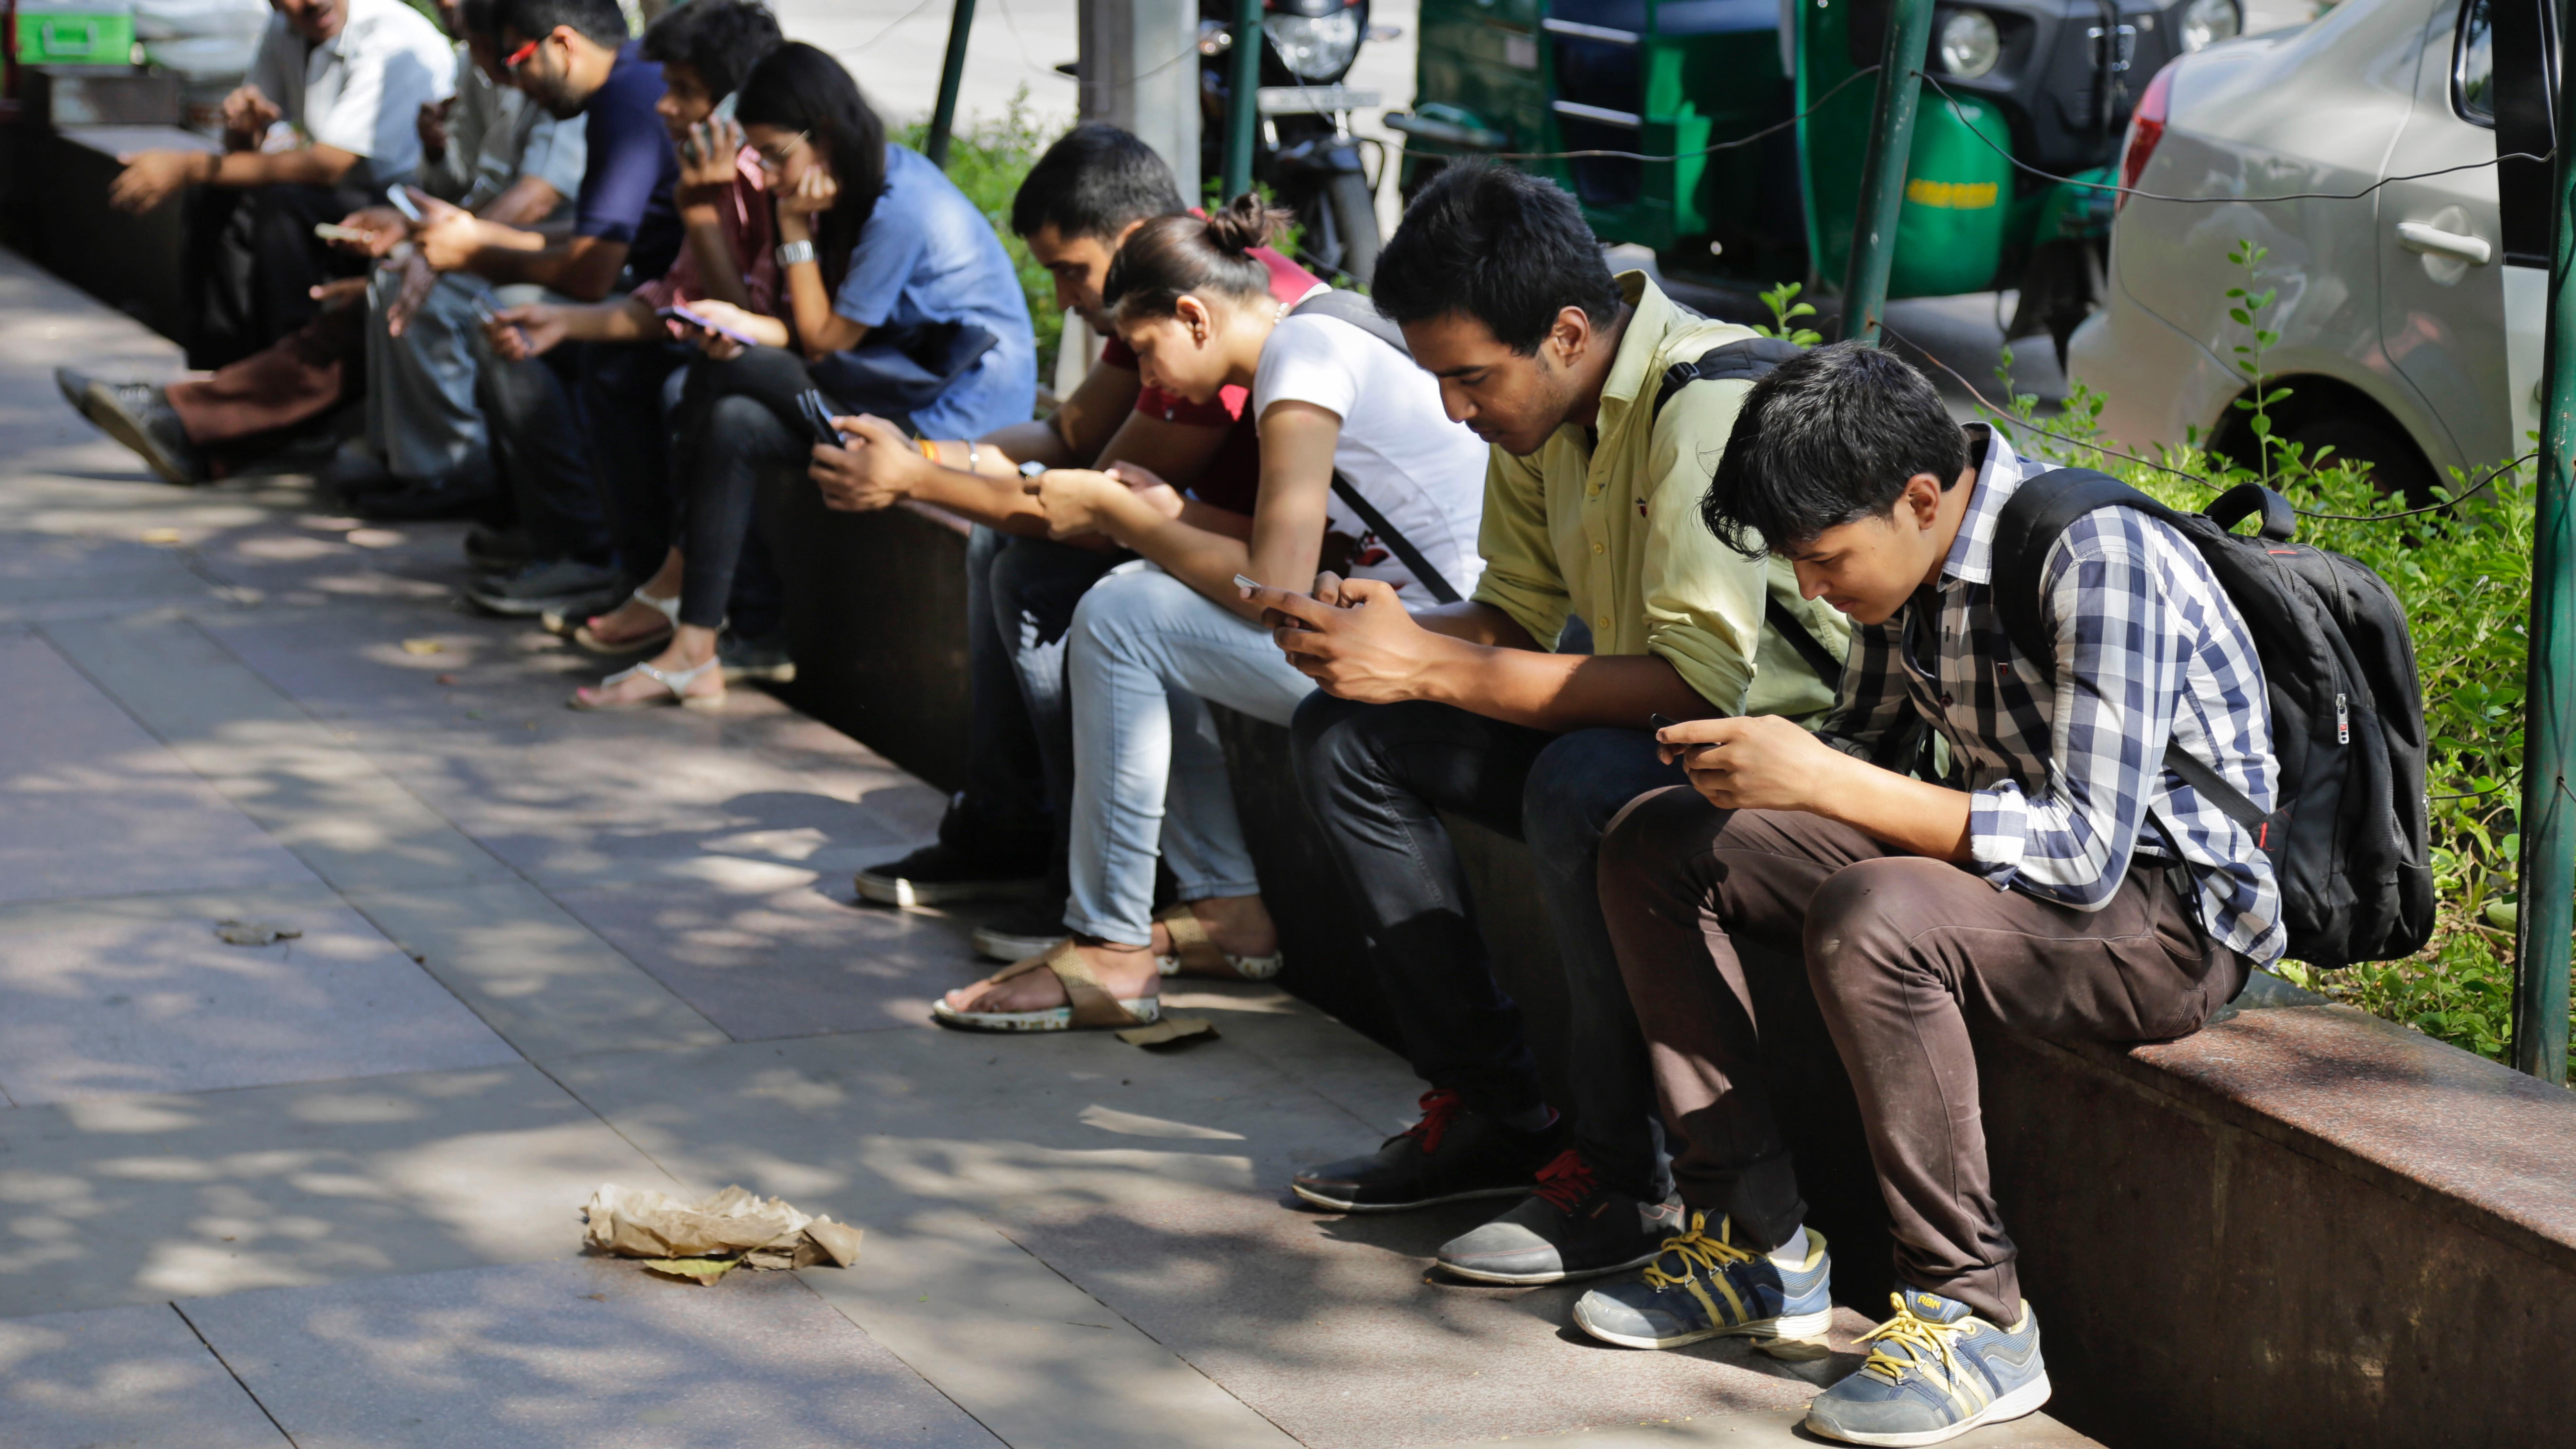 Indians using phones